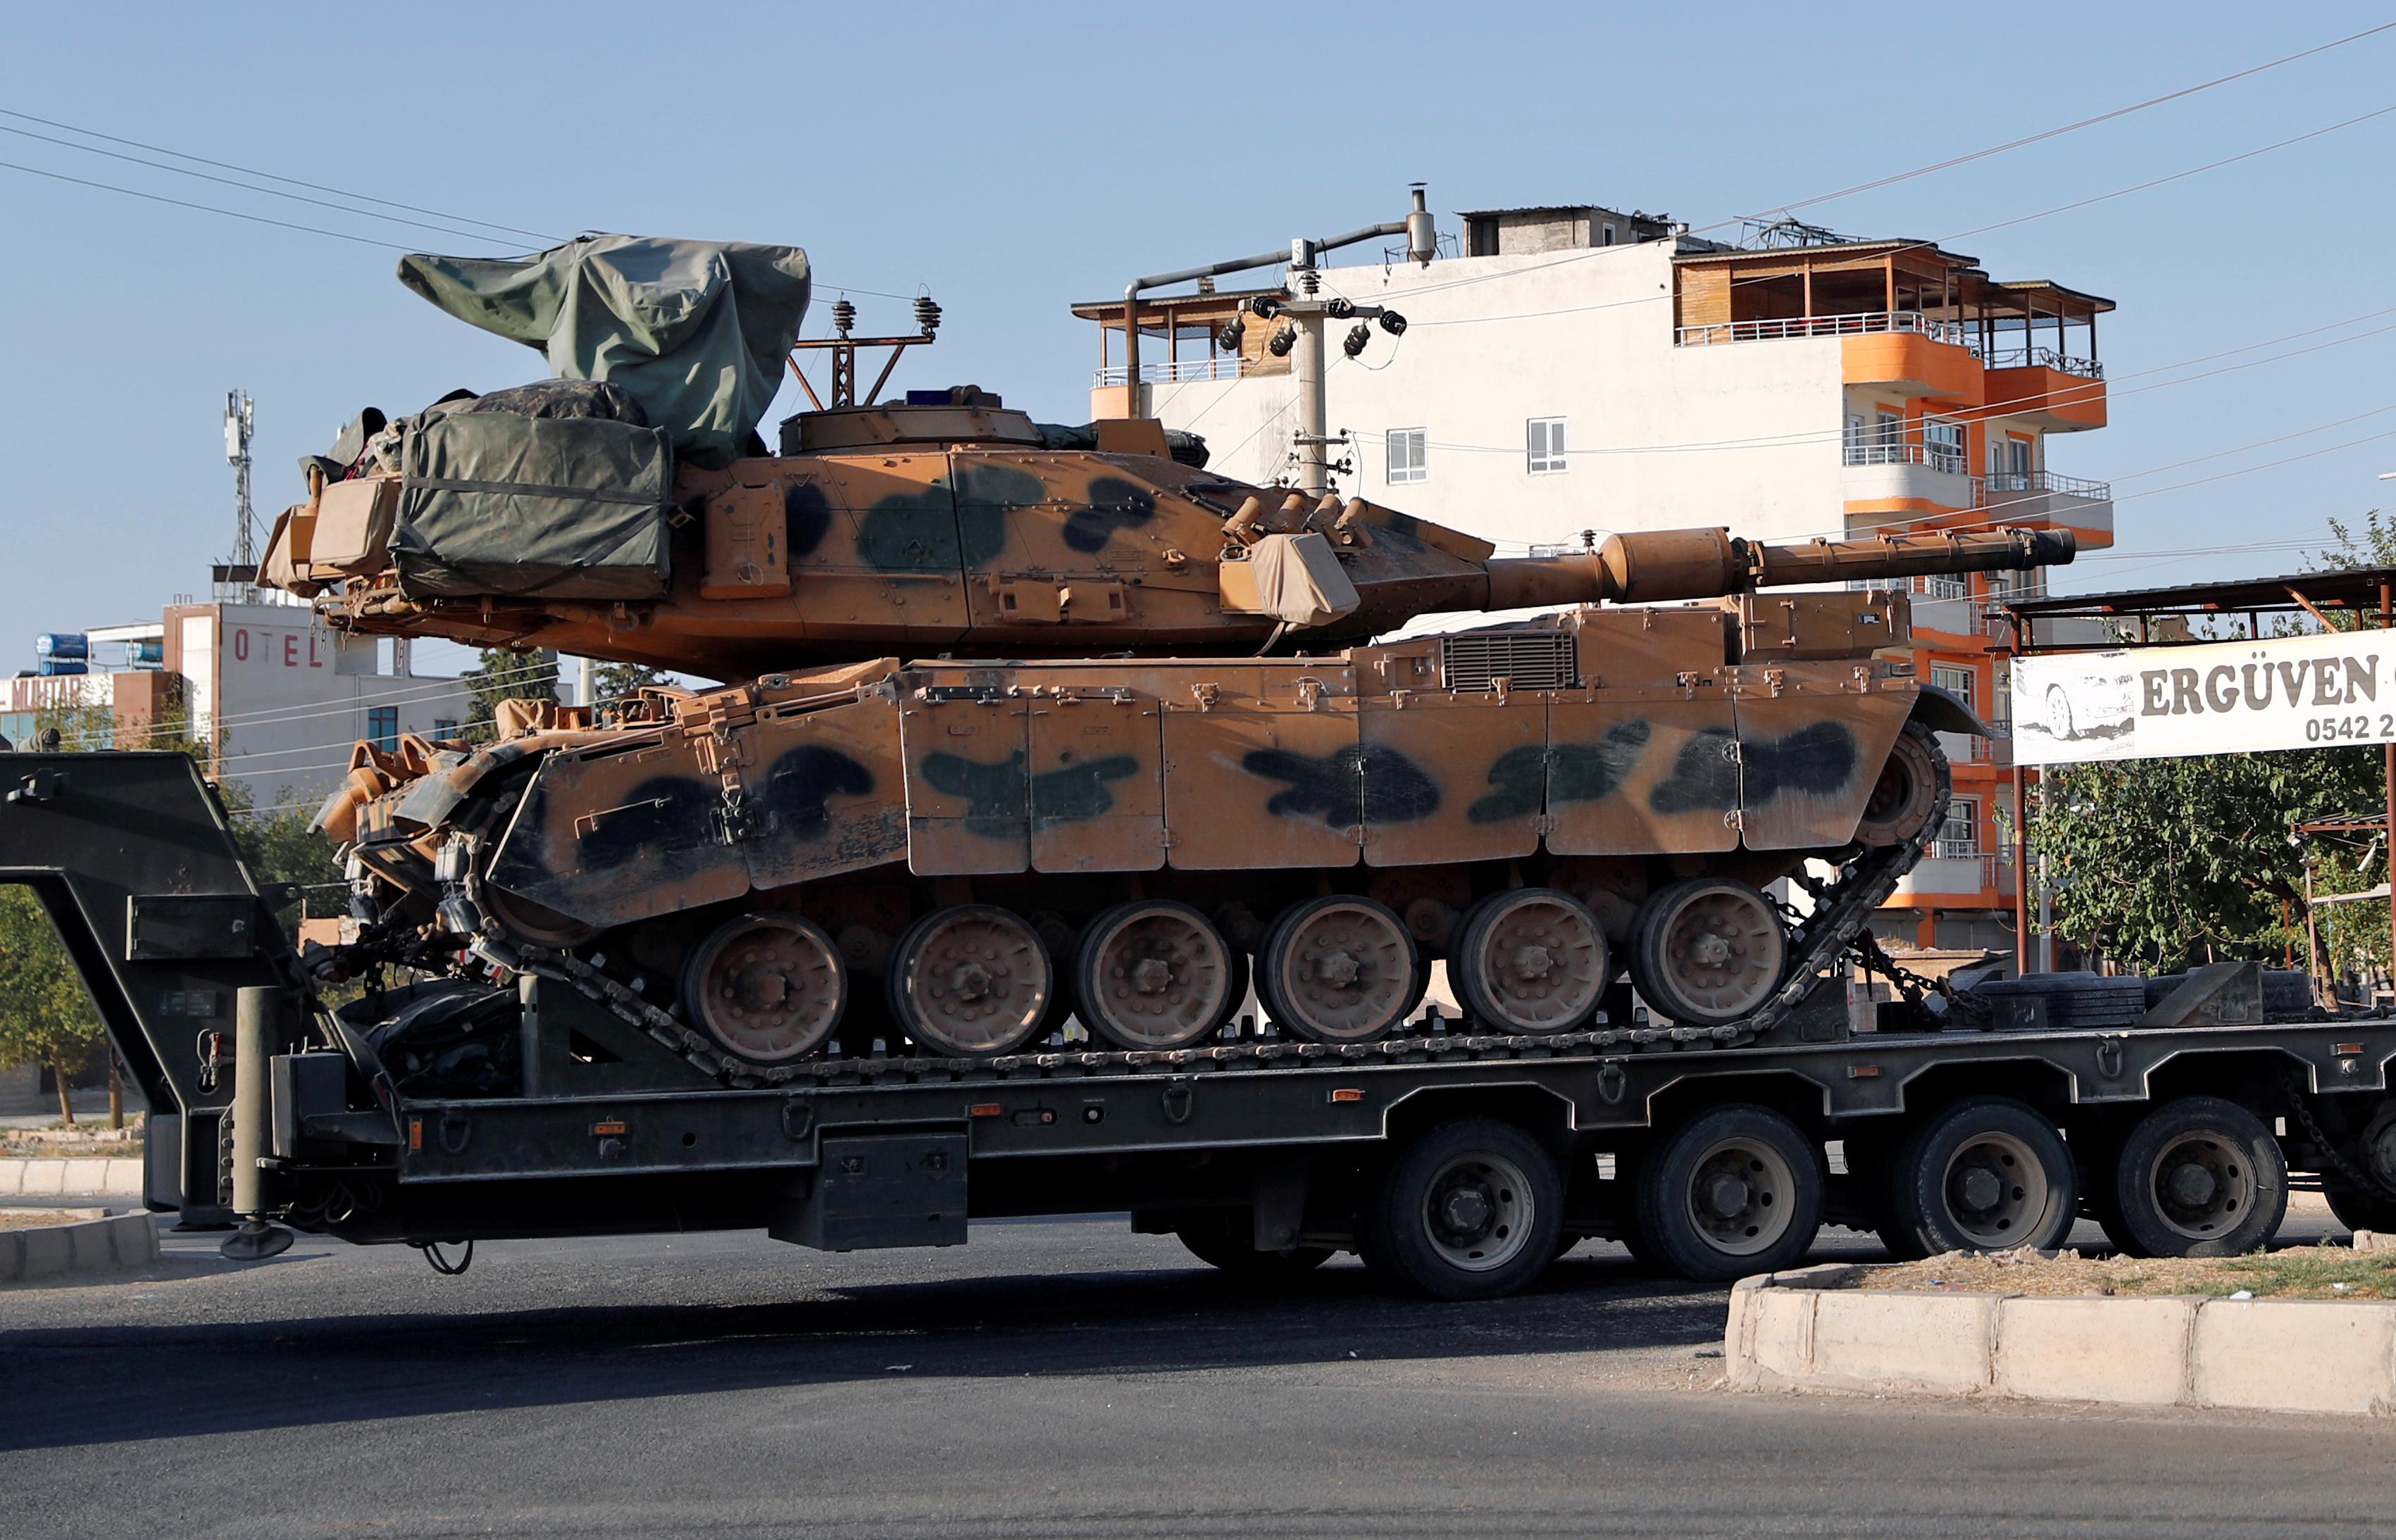 Les forces turques avancent dans la ville frontalière syrienne, les combats font rage